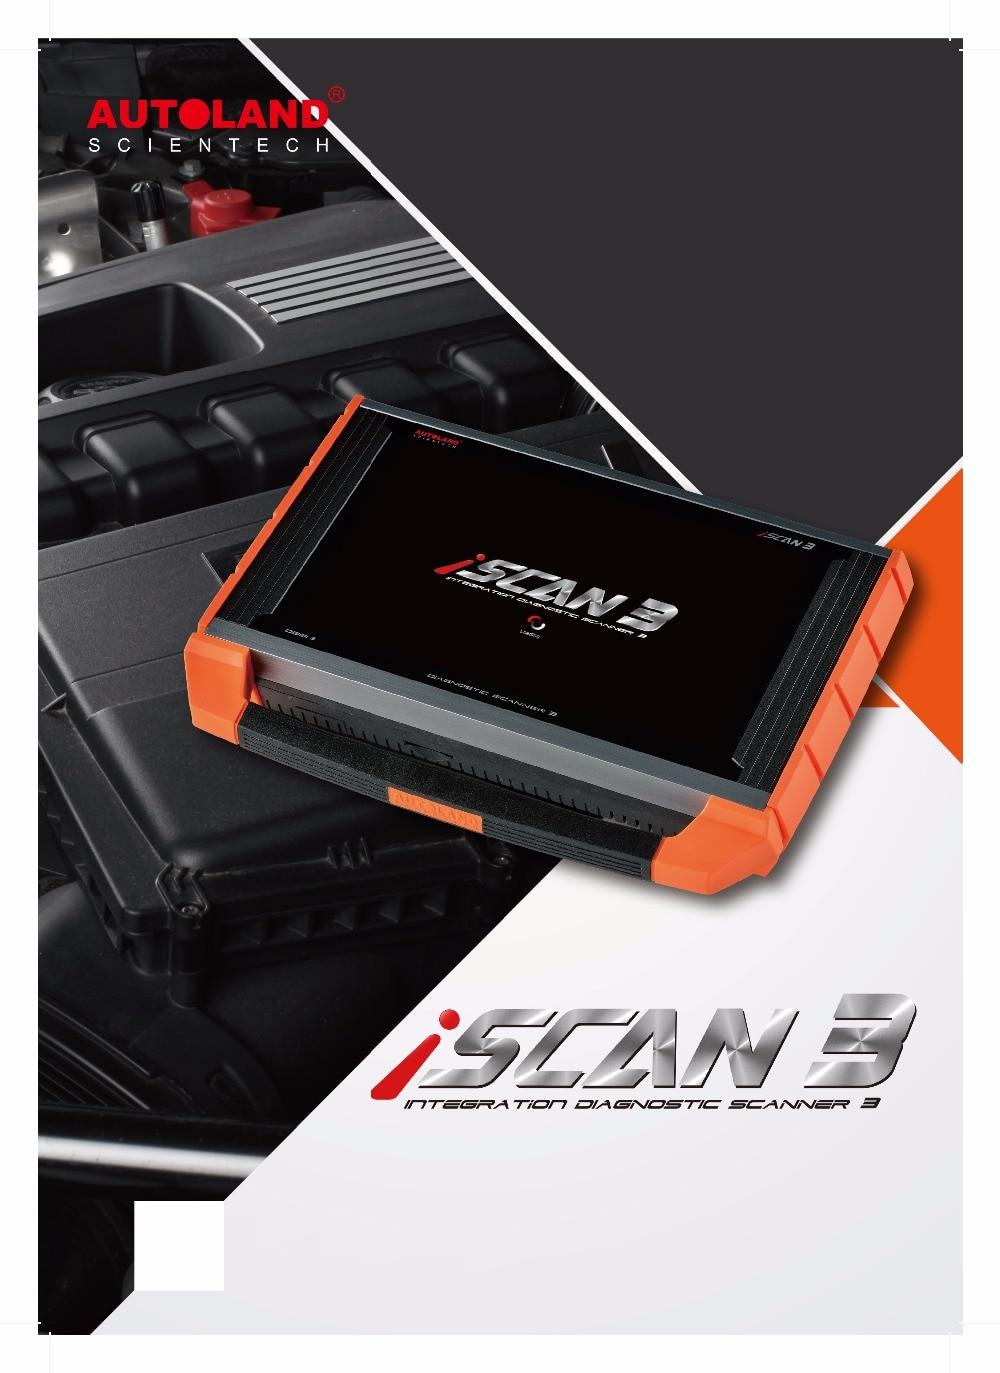 ISCAN-3--Brochure-1